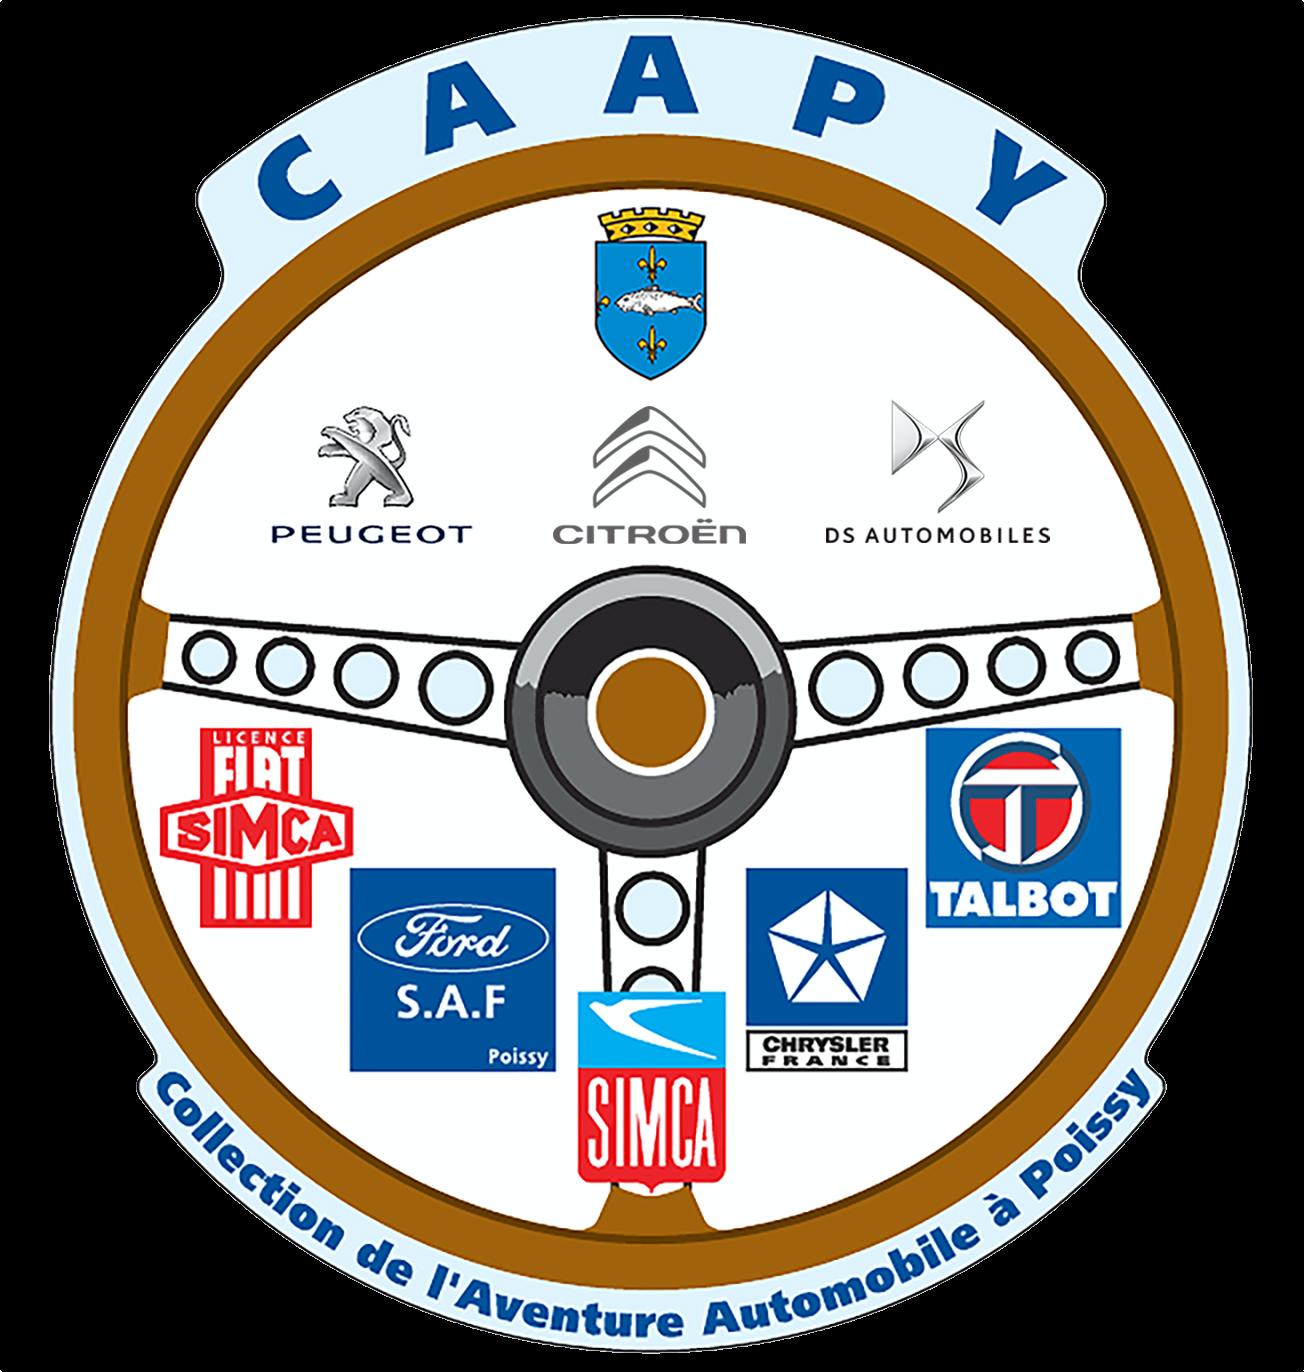 CAAPY